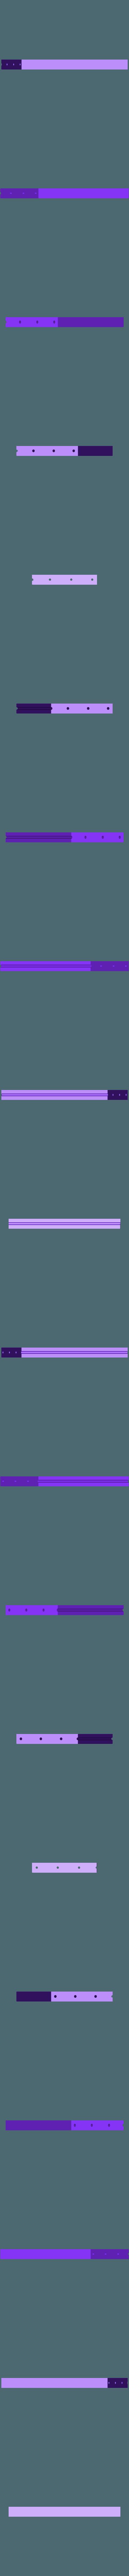 300x300x350 - Black - Blade - Part 3.stl Download STL file Final Fantasy VII - Buster Sword - Bracelet - Shoulder pad  • 3D print model, 3Dutchie